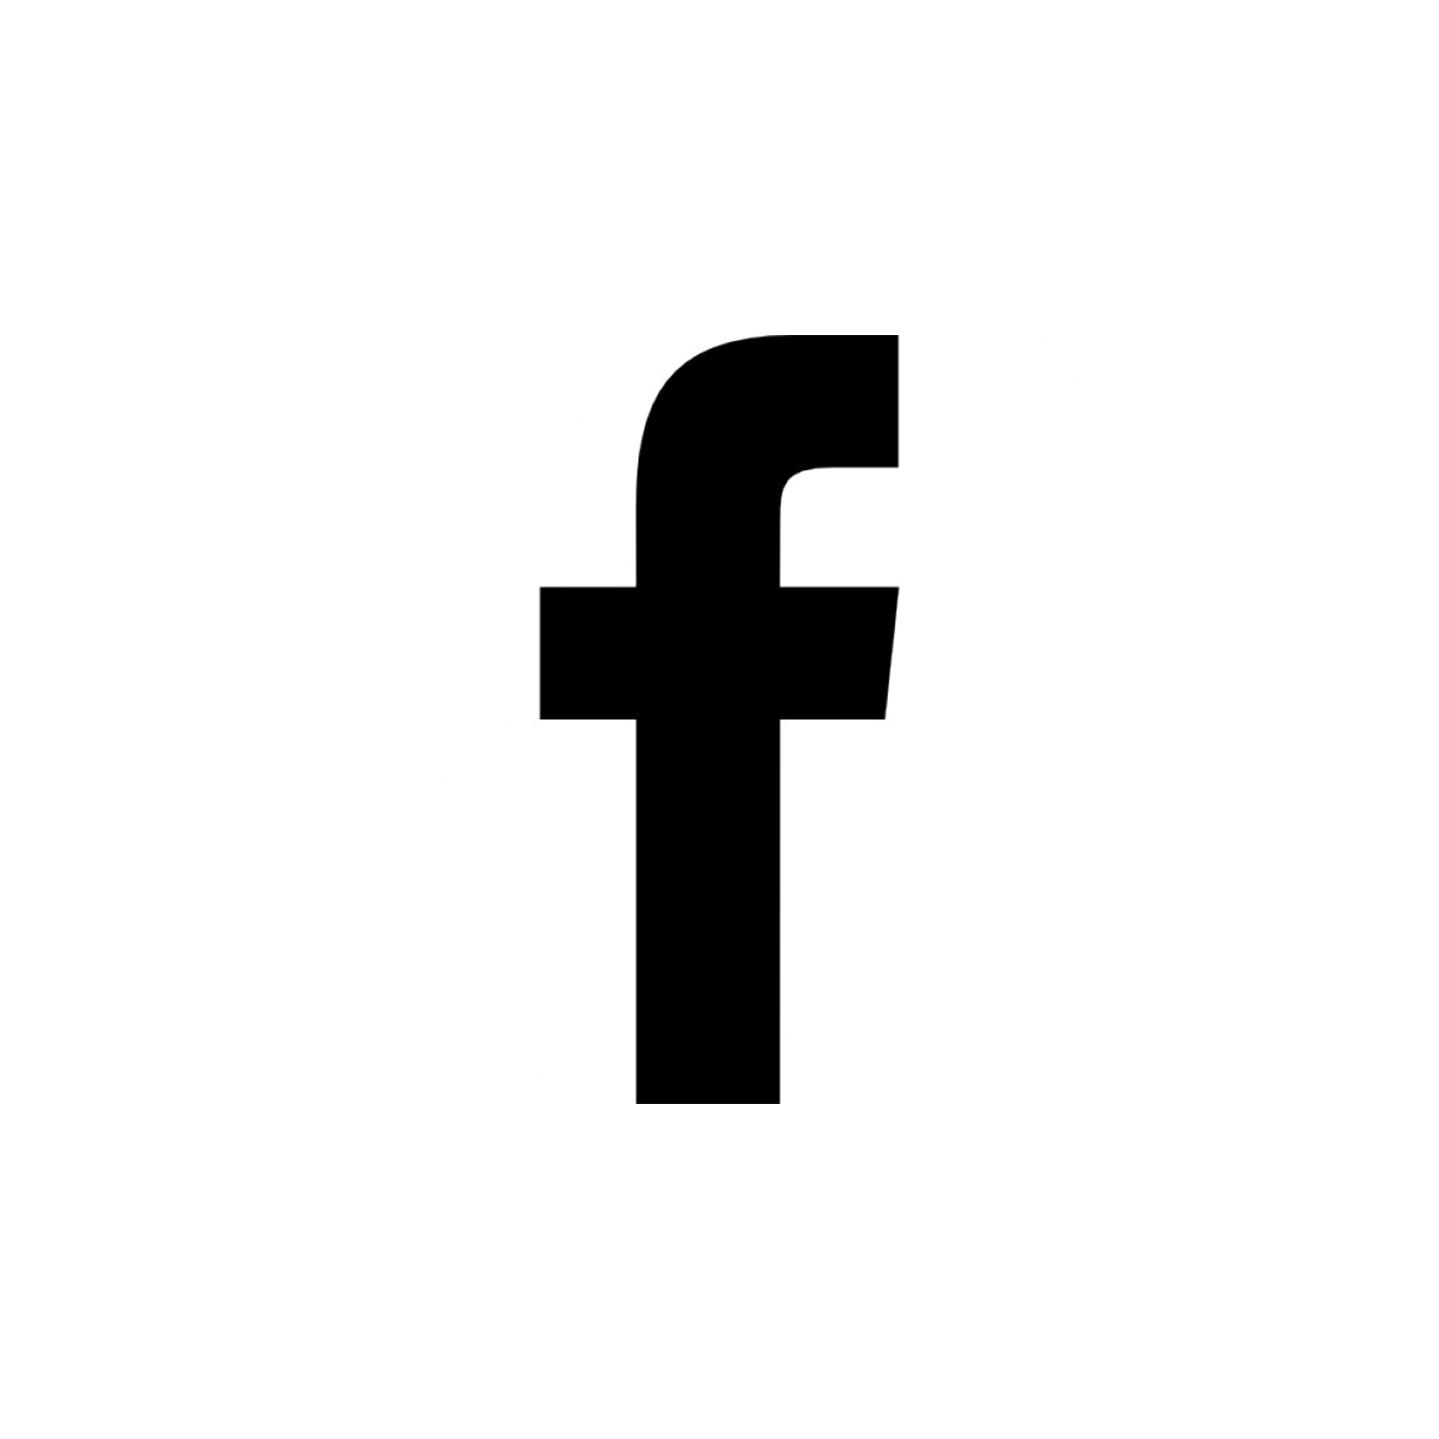 chroma photobooth facebook